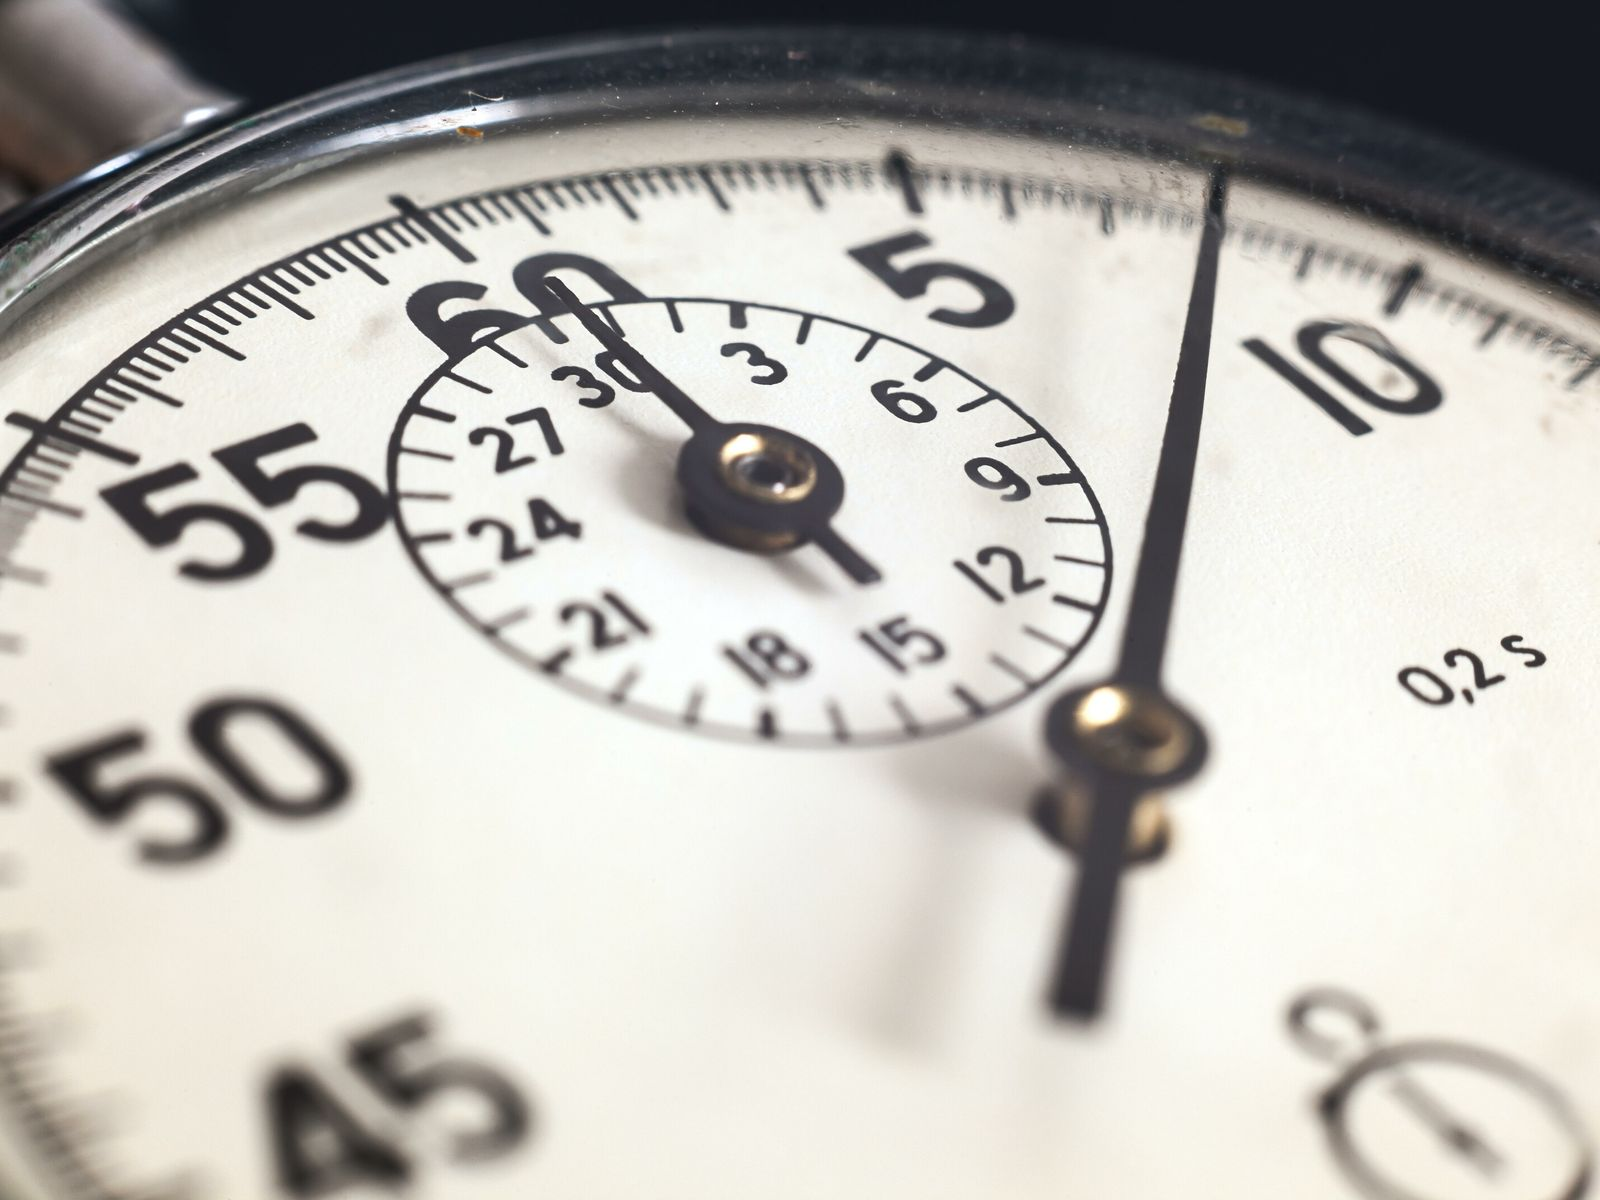 Clock stopwatch